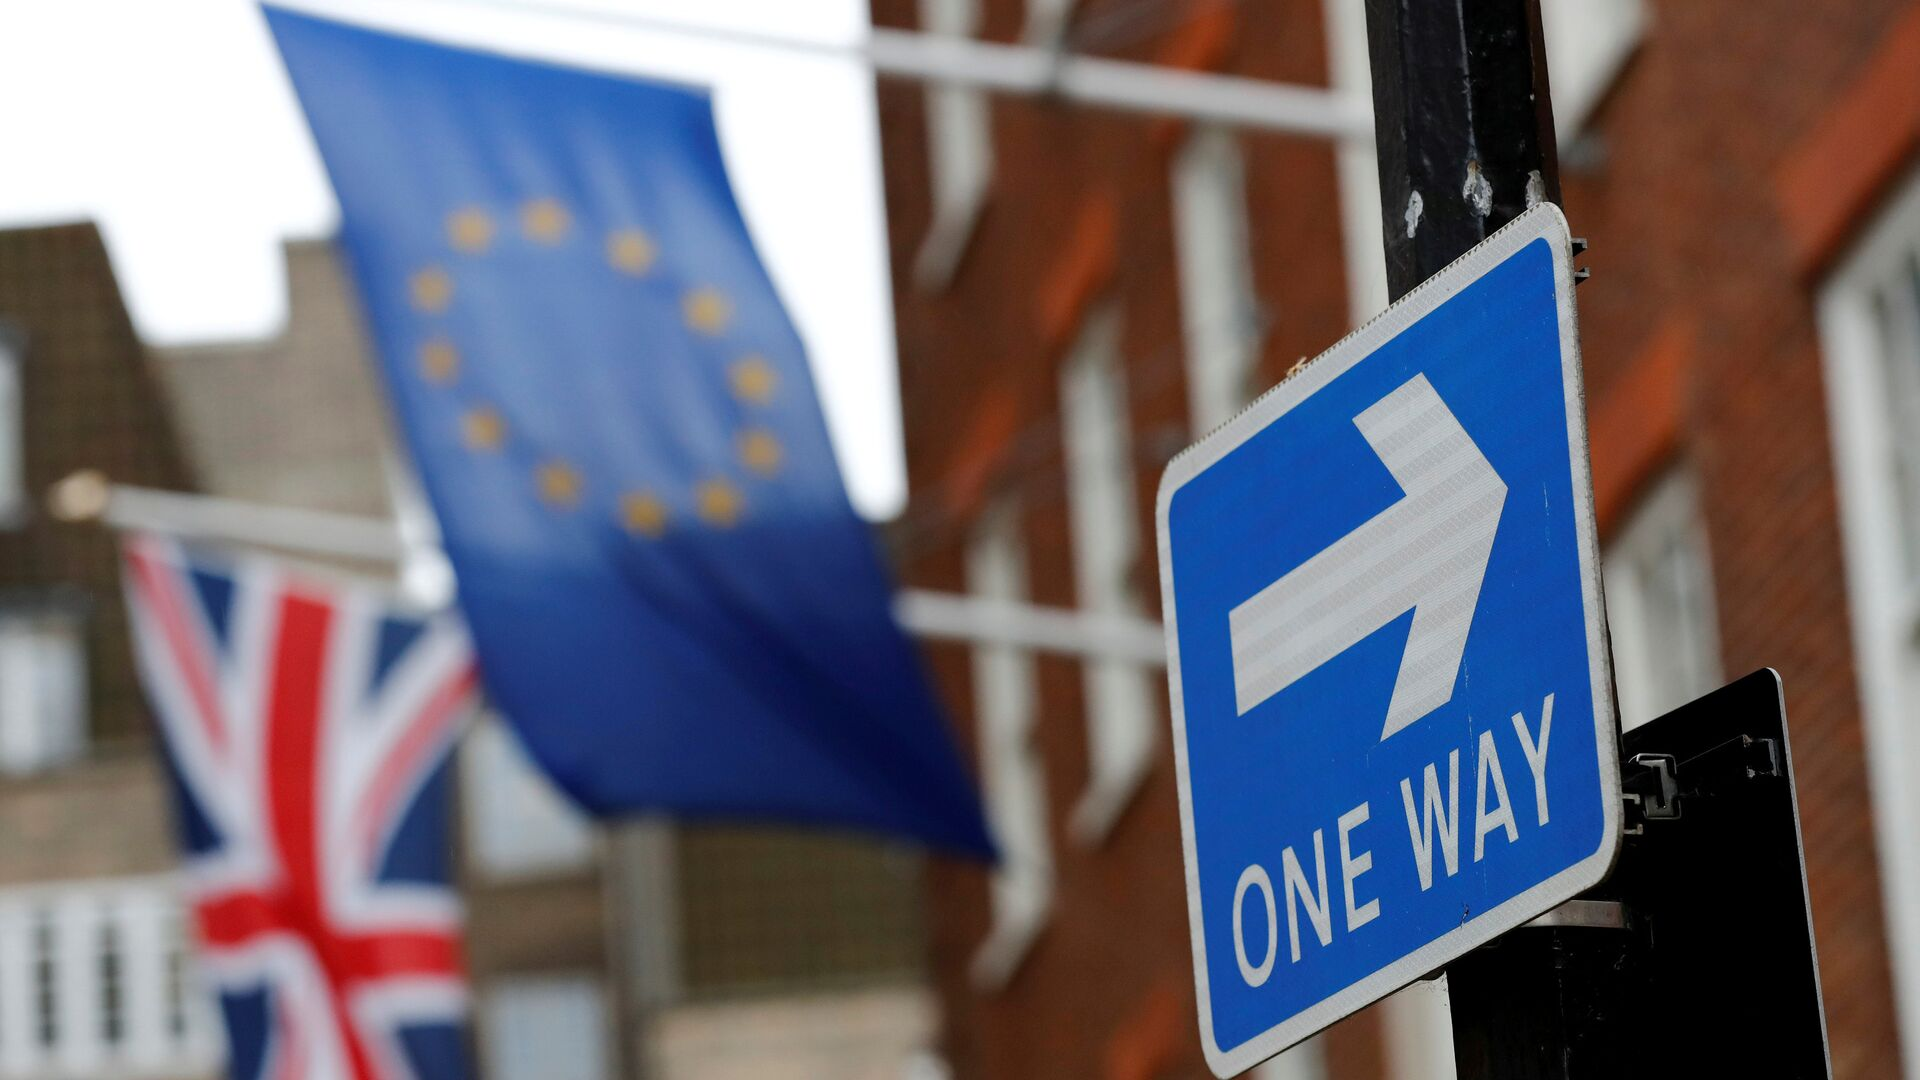 Bandiere UE e Regno Unito - Sputnik Italia, 1920, 23.06.2021